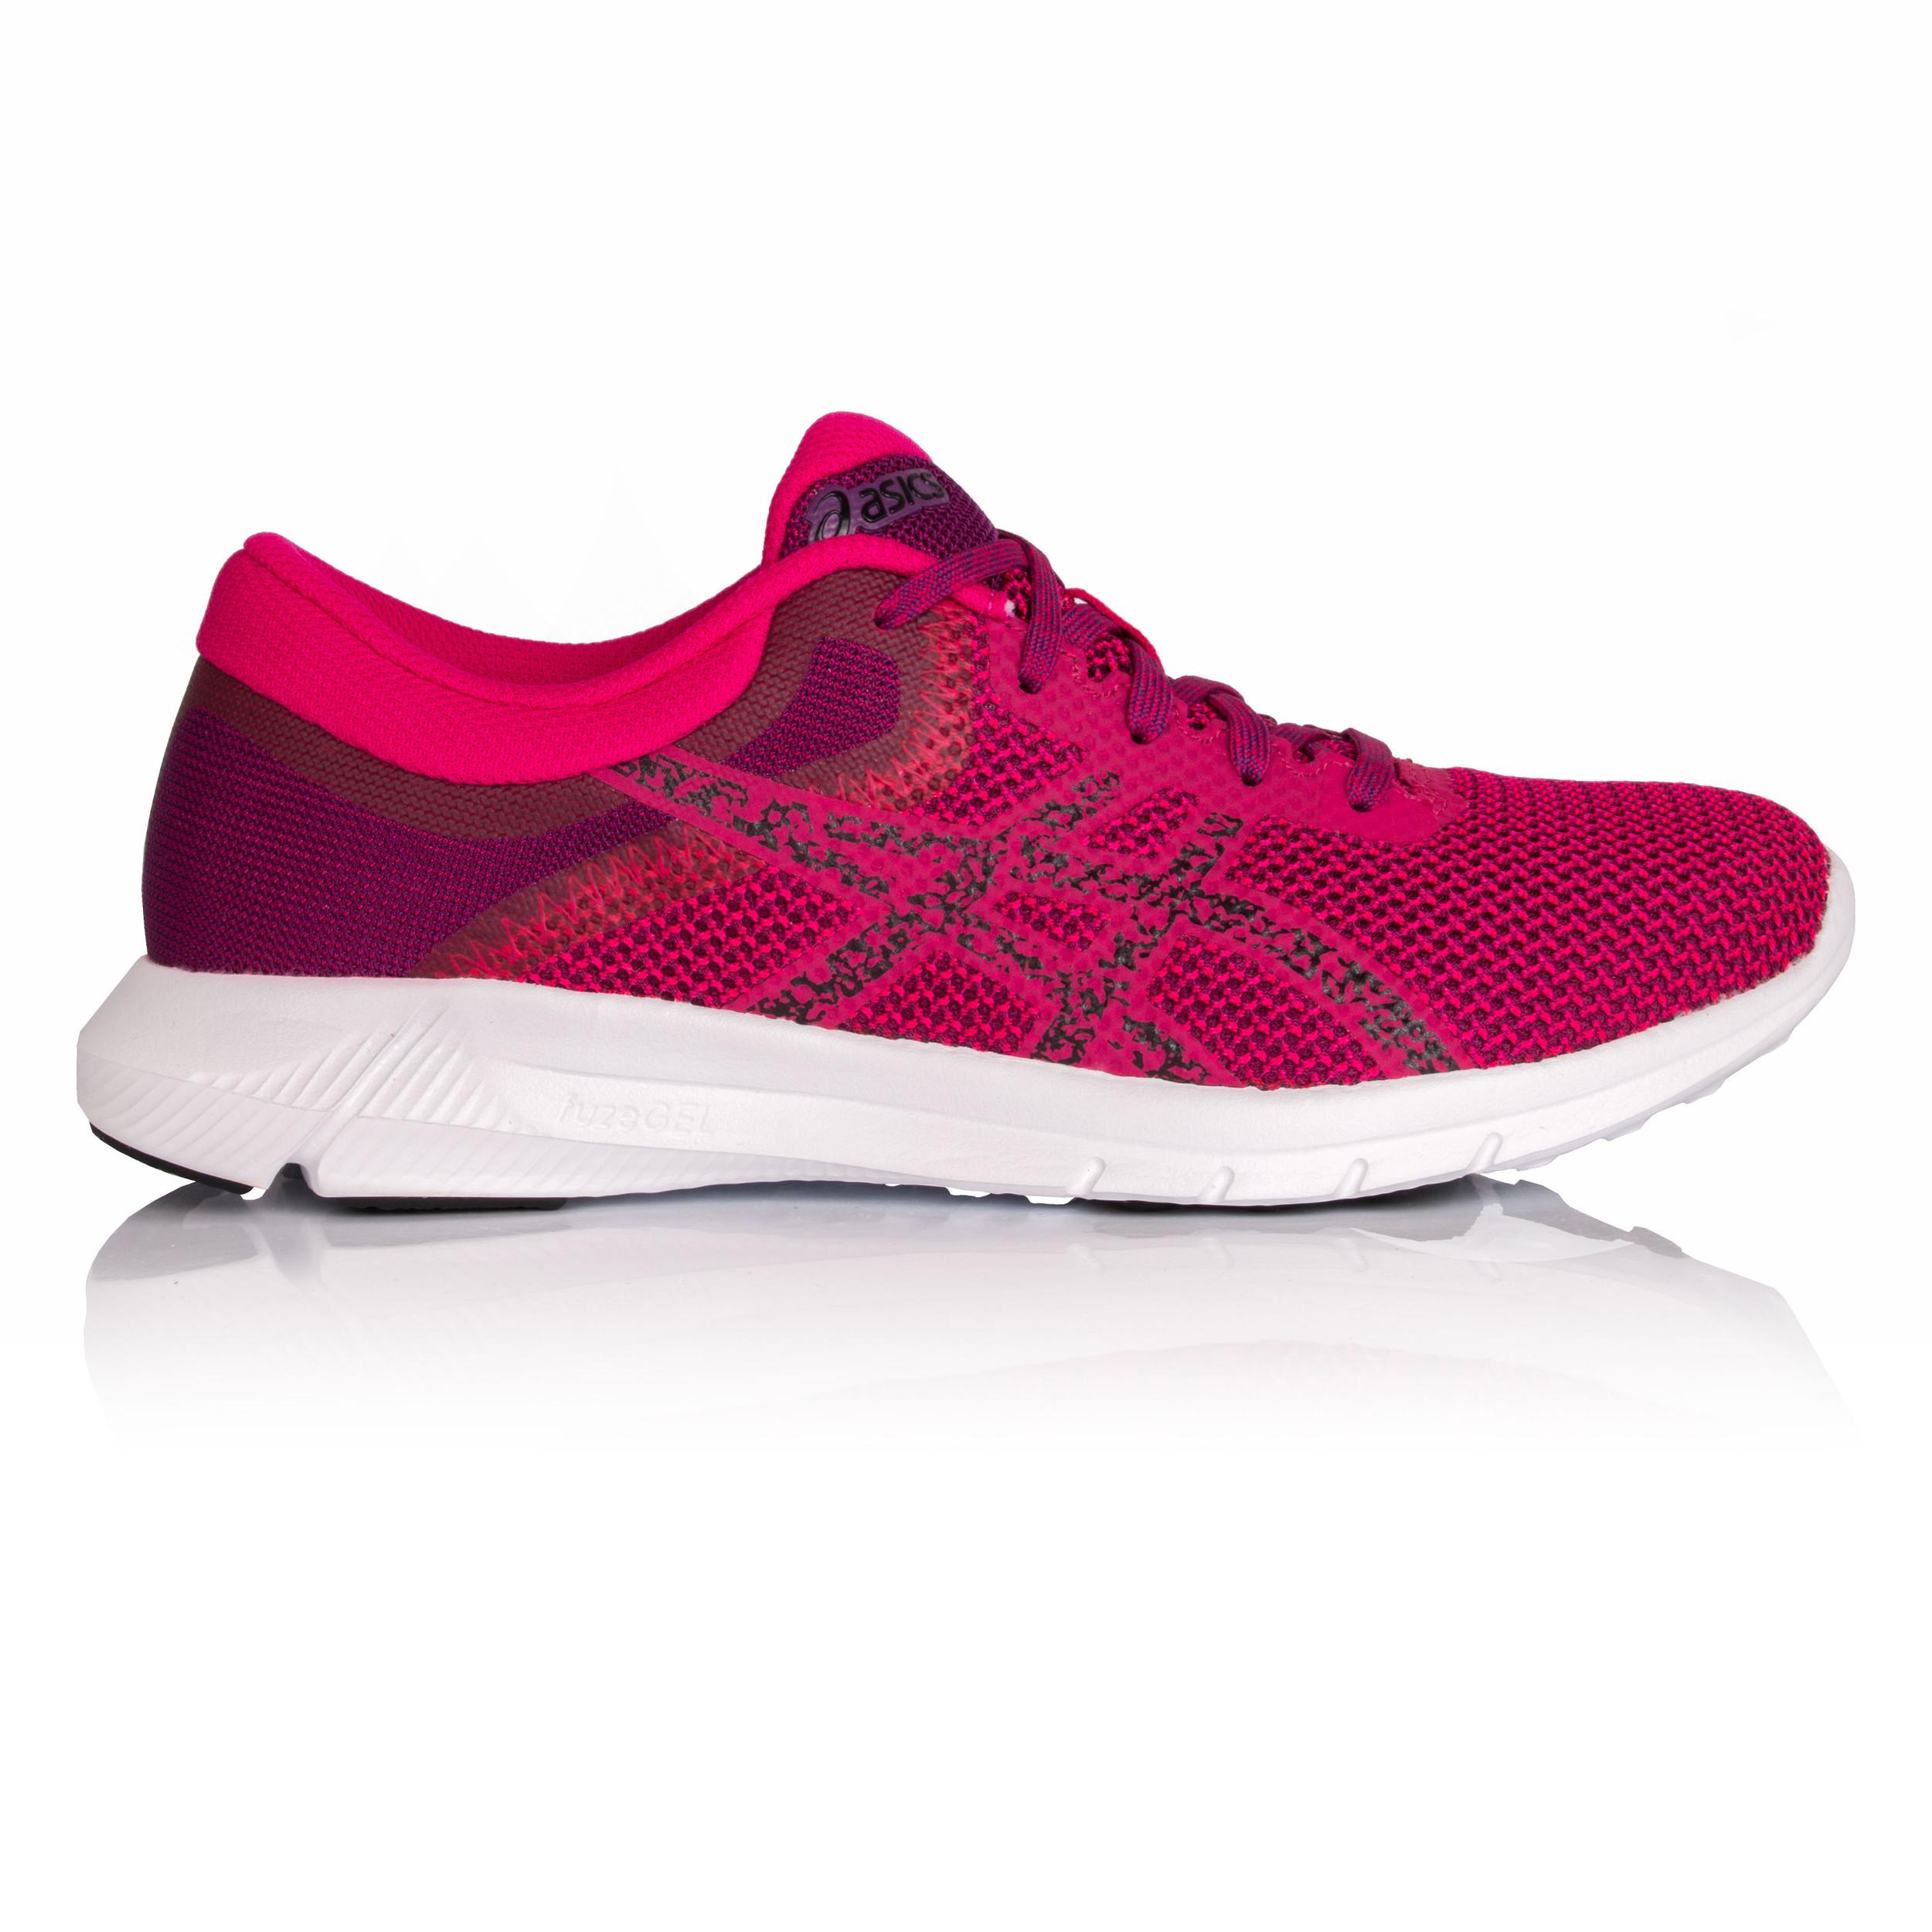 asics mujer zapatillas running rosa